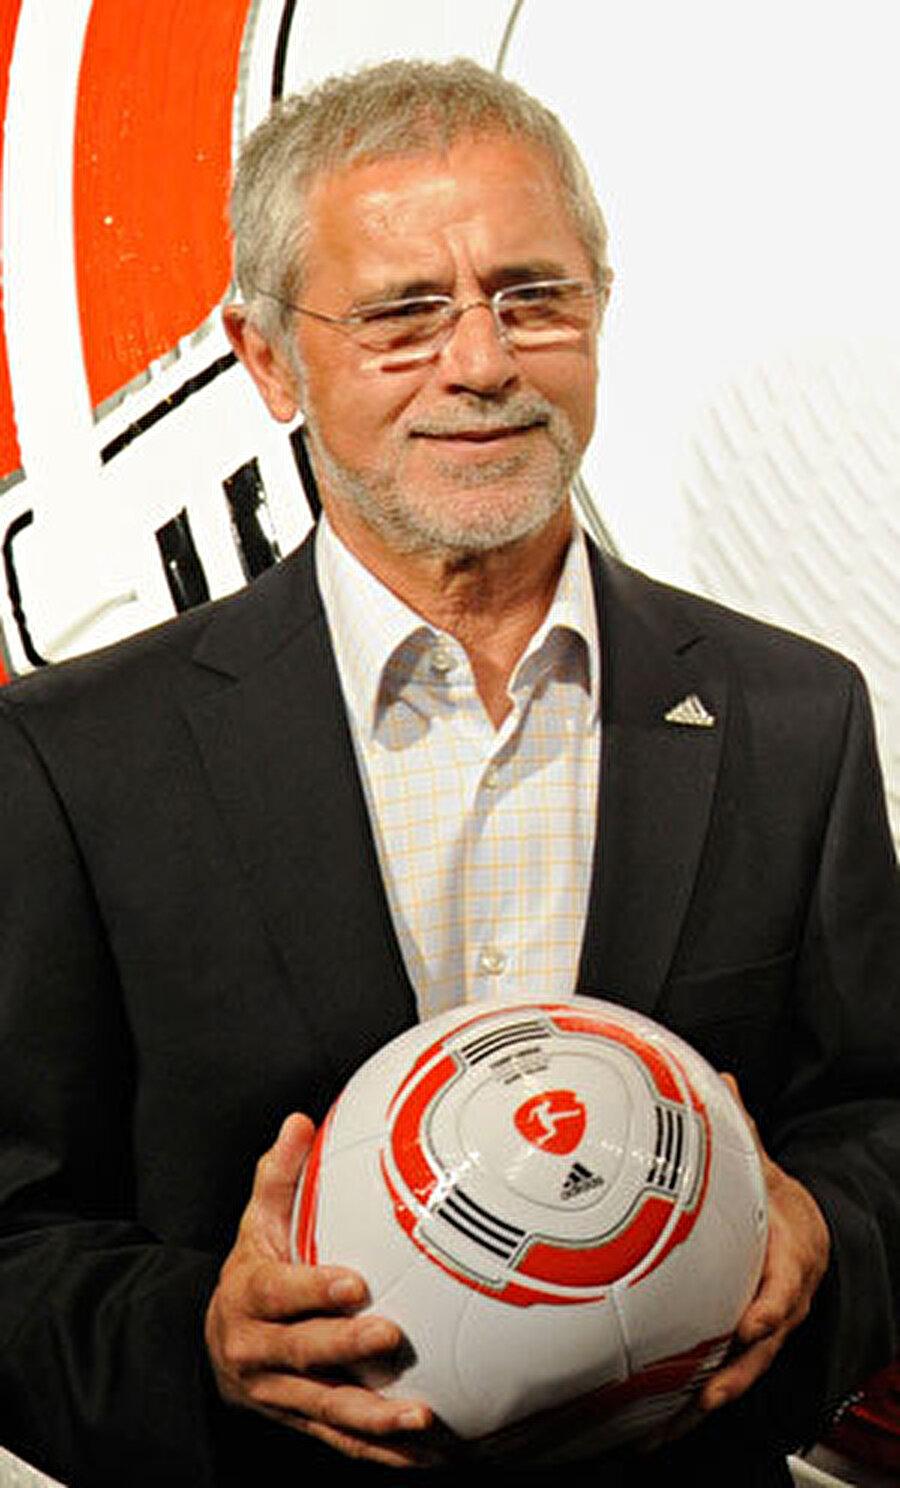 Futbol kariyerinin ardından Bayern Münih'in çeşitli altyapı takımlarından antrenörlük ve yardımcı antrenörlük pozisyonlarında çalışan Müller 2014'te futboldan elini eteğini çekti.